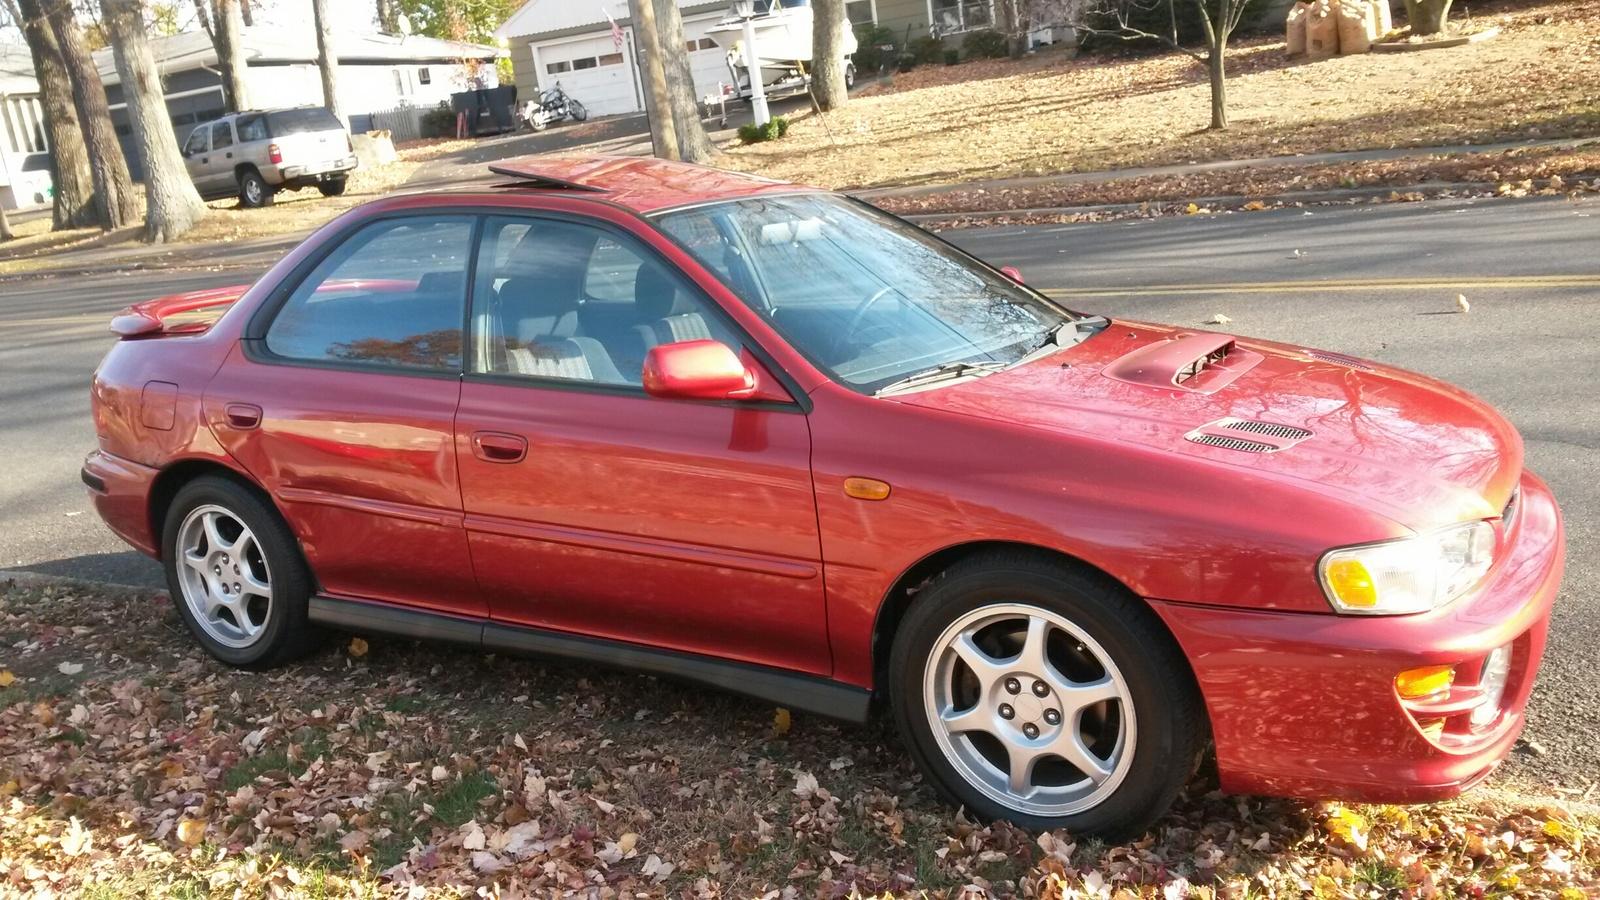 2001 Subaru Impreza Pictures Cargurus